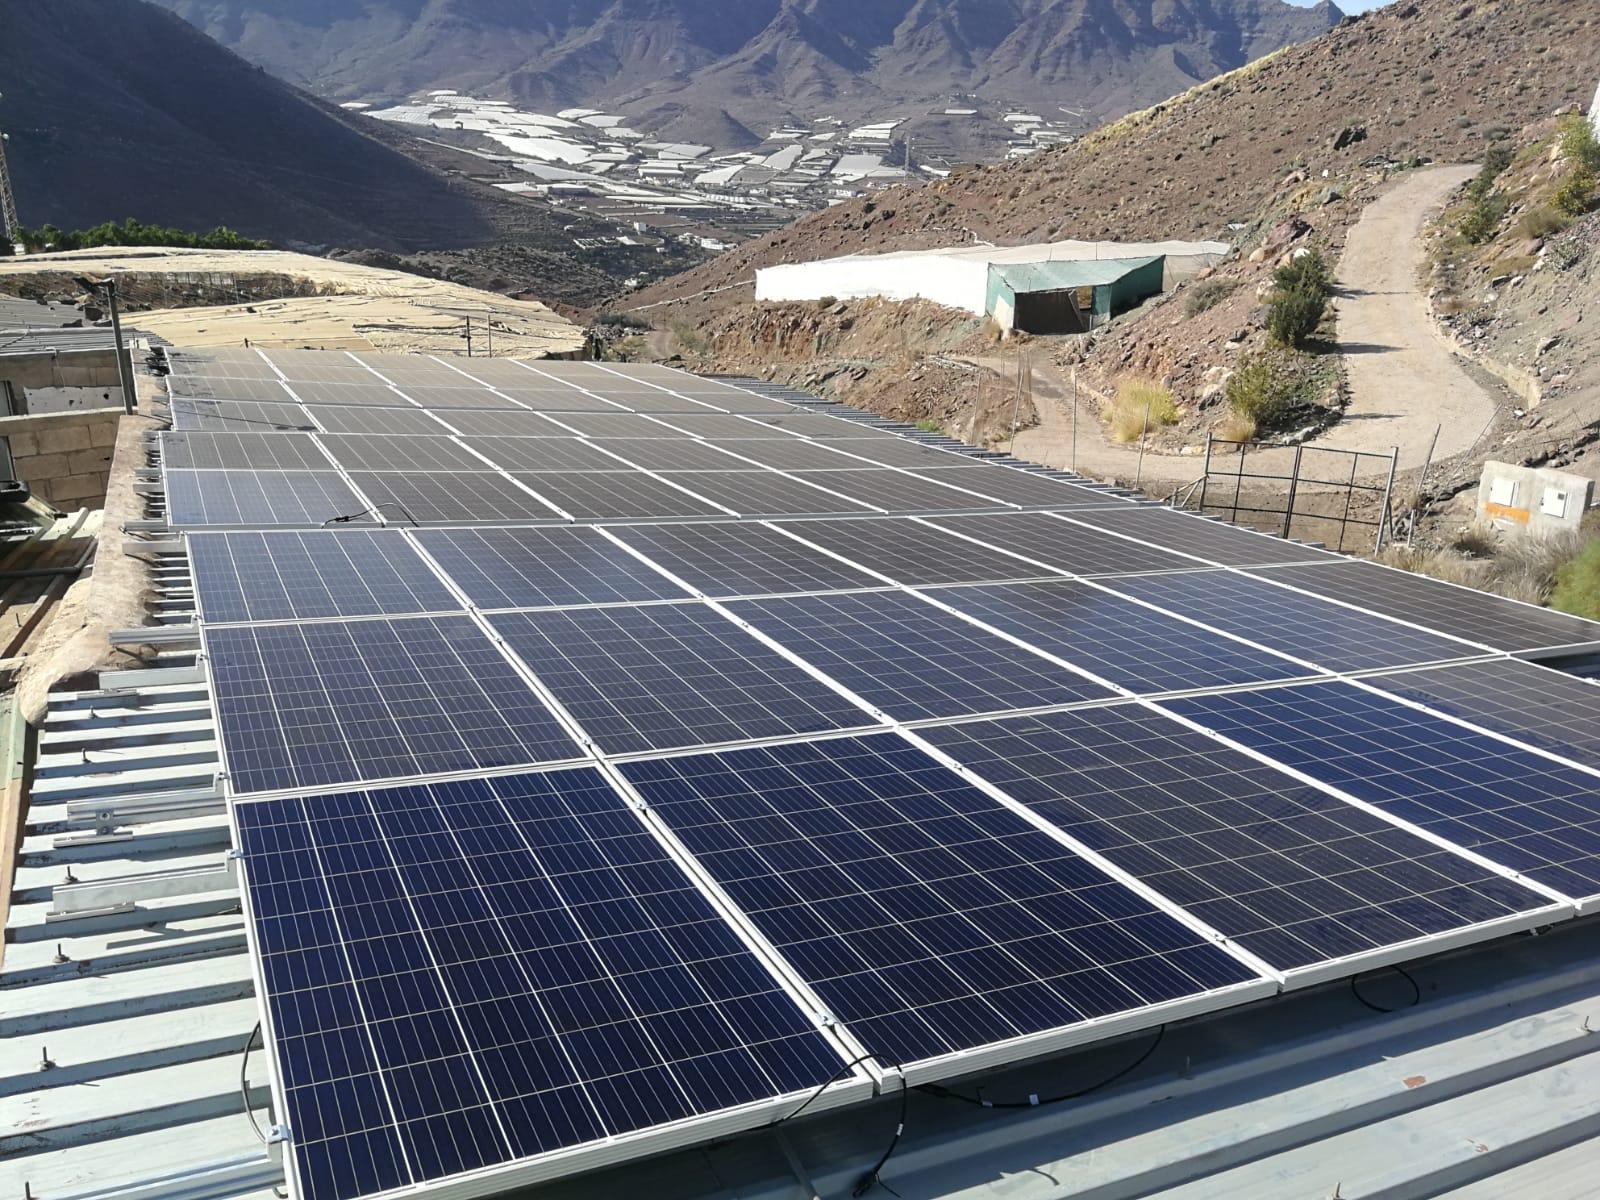 Instalación fotovoltaica menor de 15kw - La Aldea